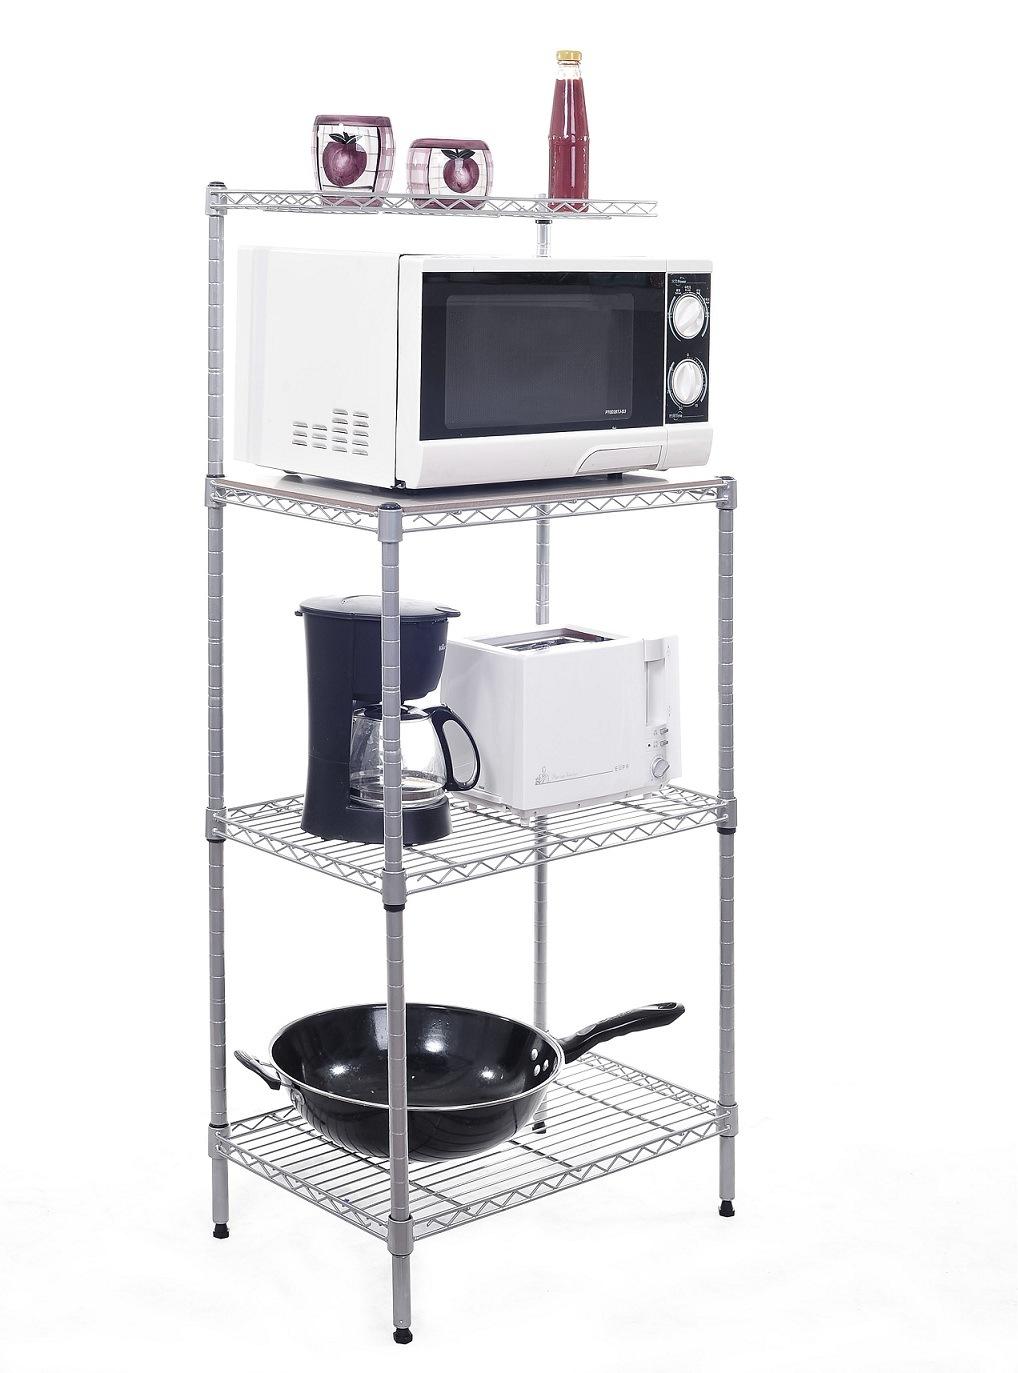 Estanter a del almacenaje de la cocina de 4 estantes - Almacenaje de cocina ...